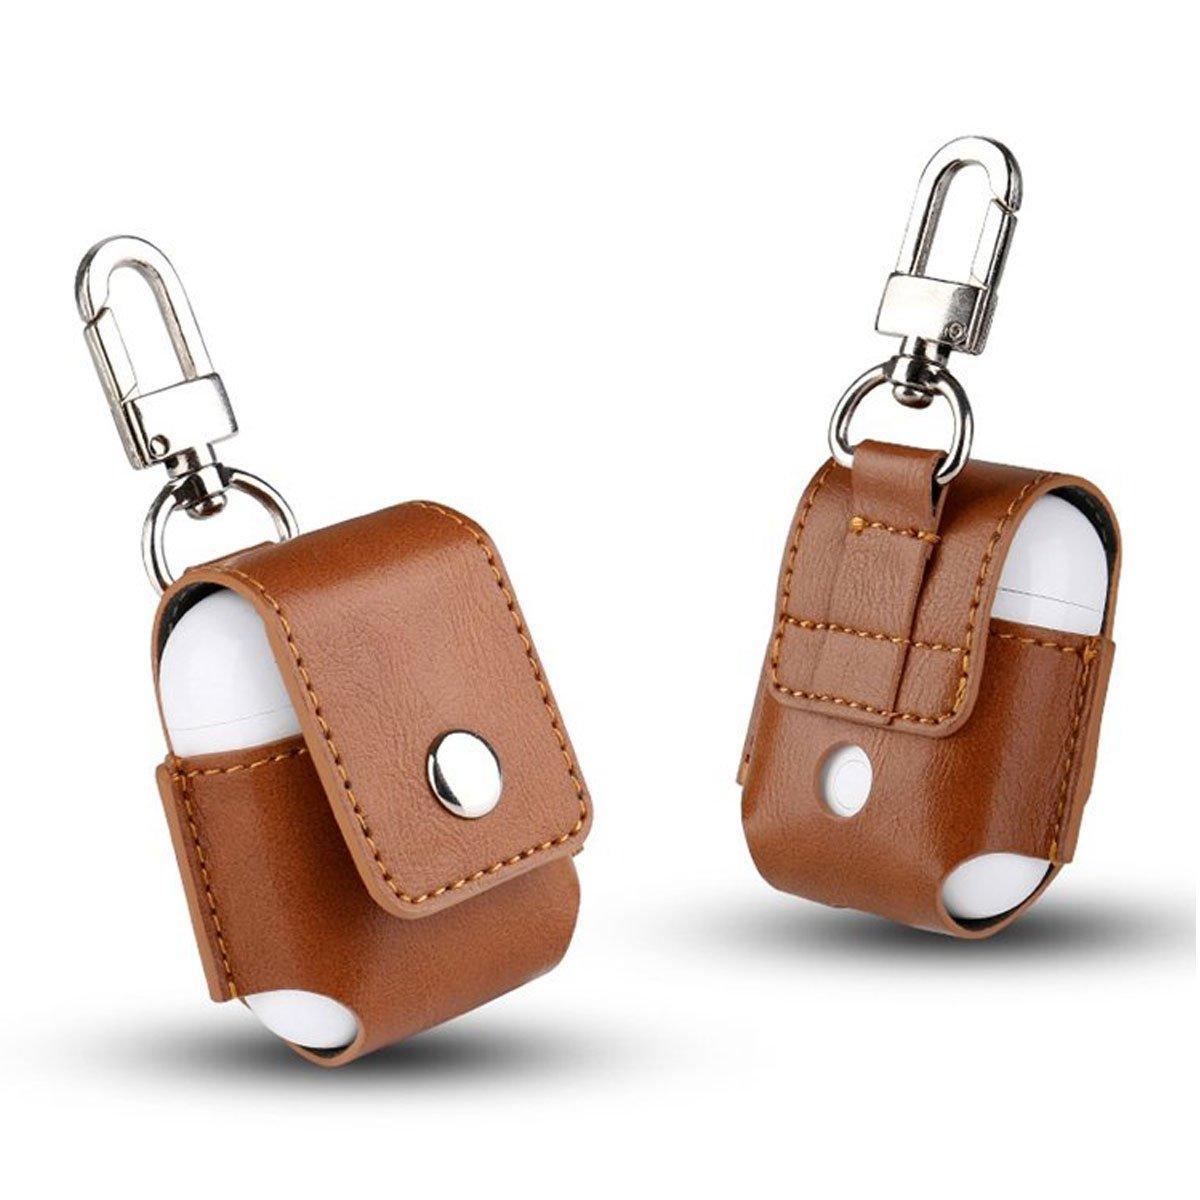 Echtes Leder Shockproof Schutzhülle mit Schnalle für Apple AirPods